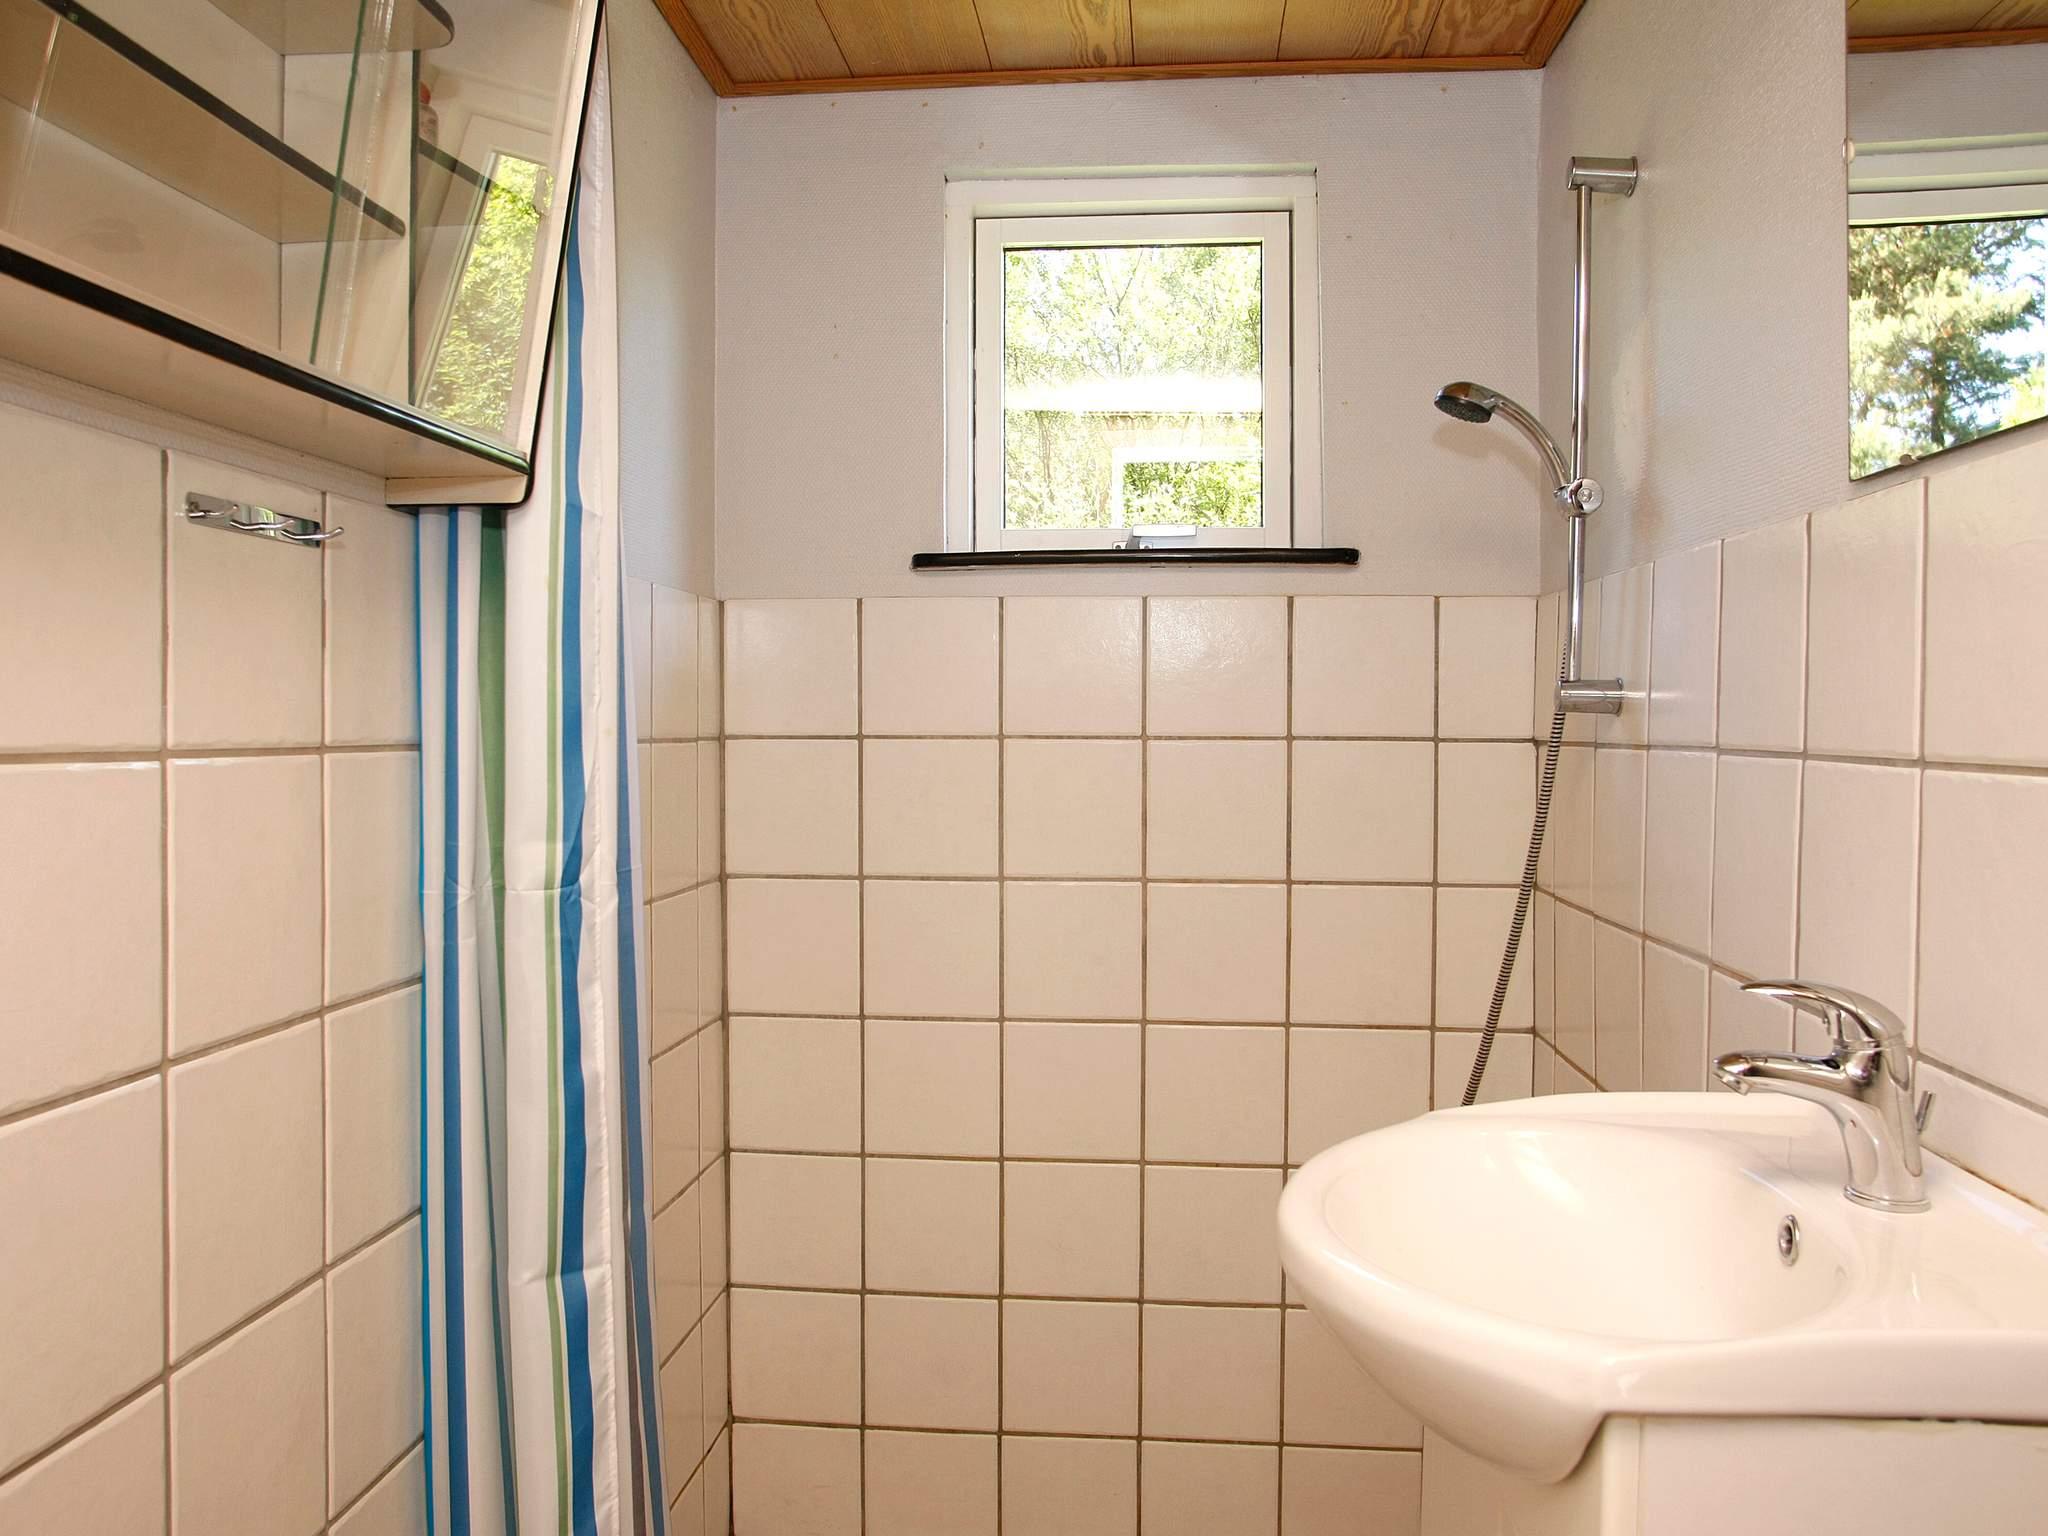 Ferienhaus Lyngså/Voerså (82148), Lyngså, , Nordostjütland, Dänemark, Bild 8